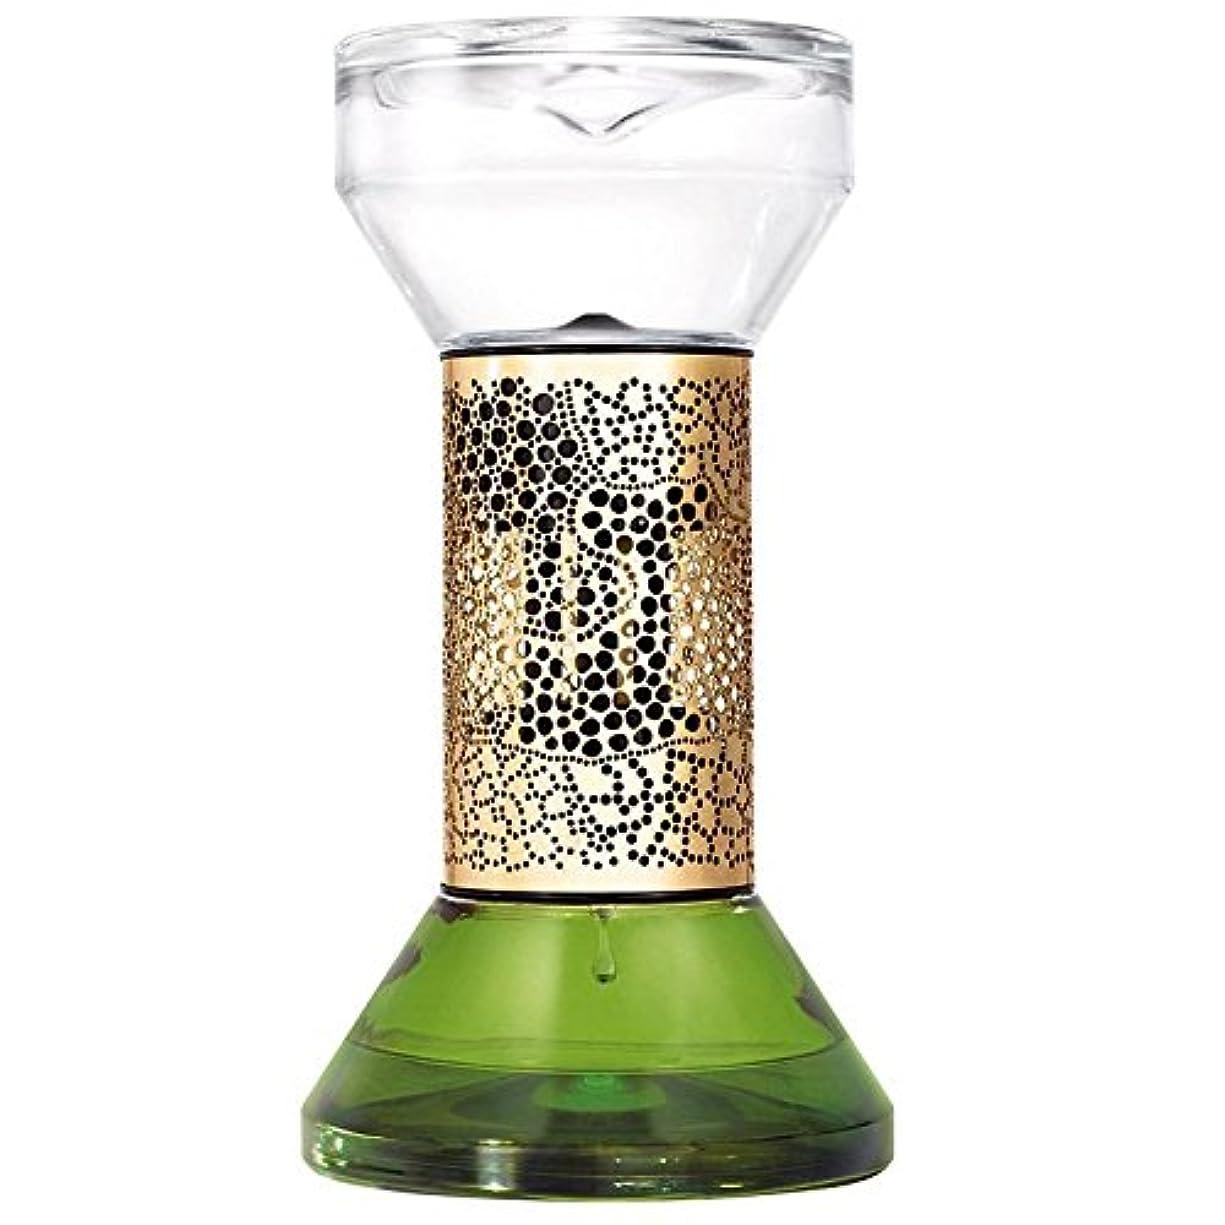 無視できるいたずらな社員Diptyque - Figuier Hourglass Diffuser (ディプティック フィギュアー アワー グラス ディフューザー) 2.5 oz (75ml) New